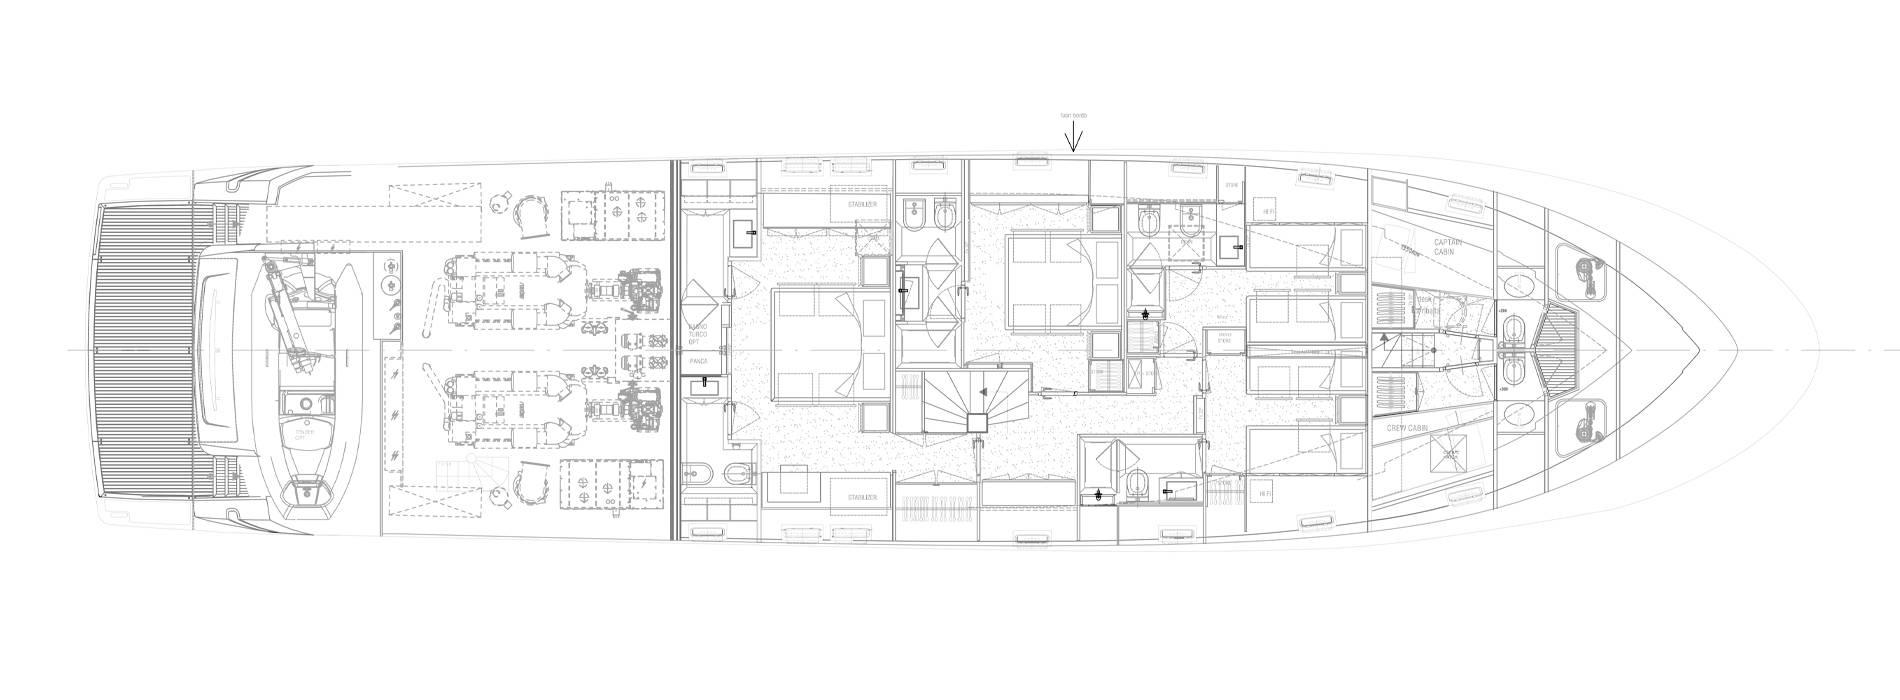 Sanlorenzo Yachts SL96-631 under offer Lower Deck